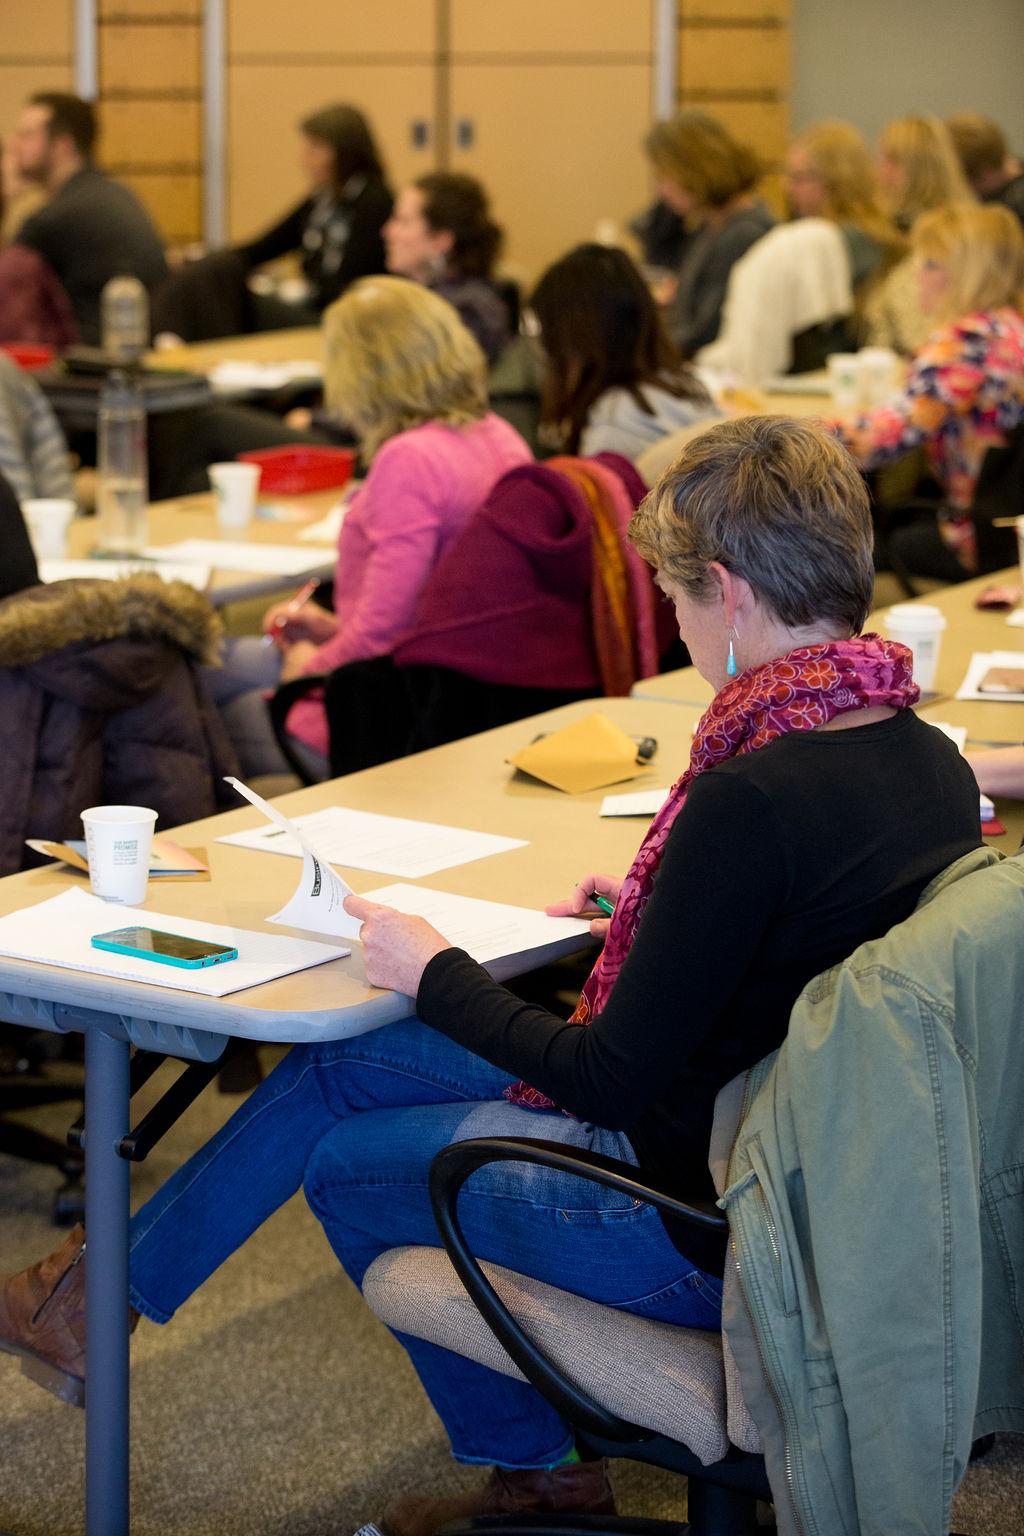 Student Workshop Attendee 2.jpg